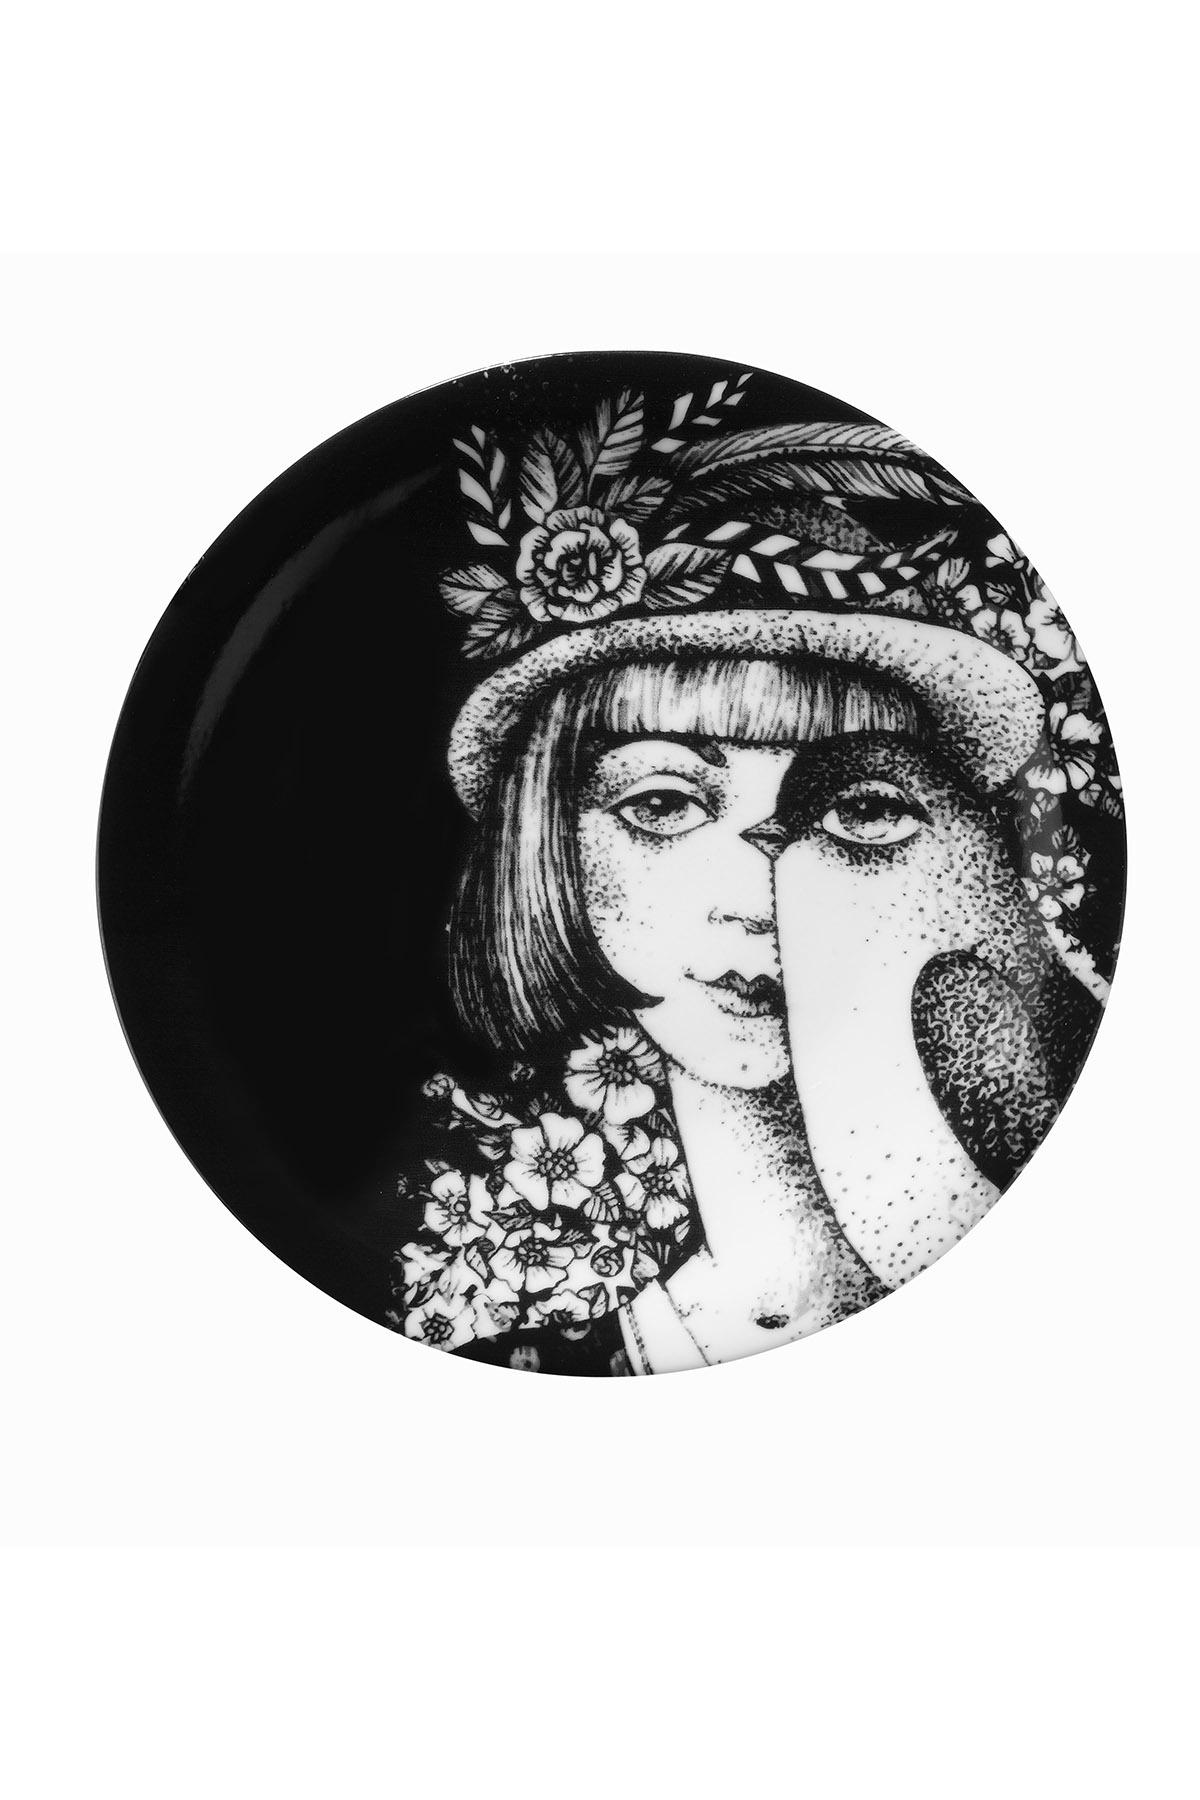 Kütahya Porselen Kadınlarım Serisi 21 cm Servis Tabağı 885180